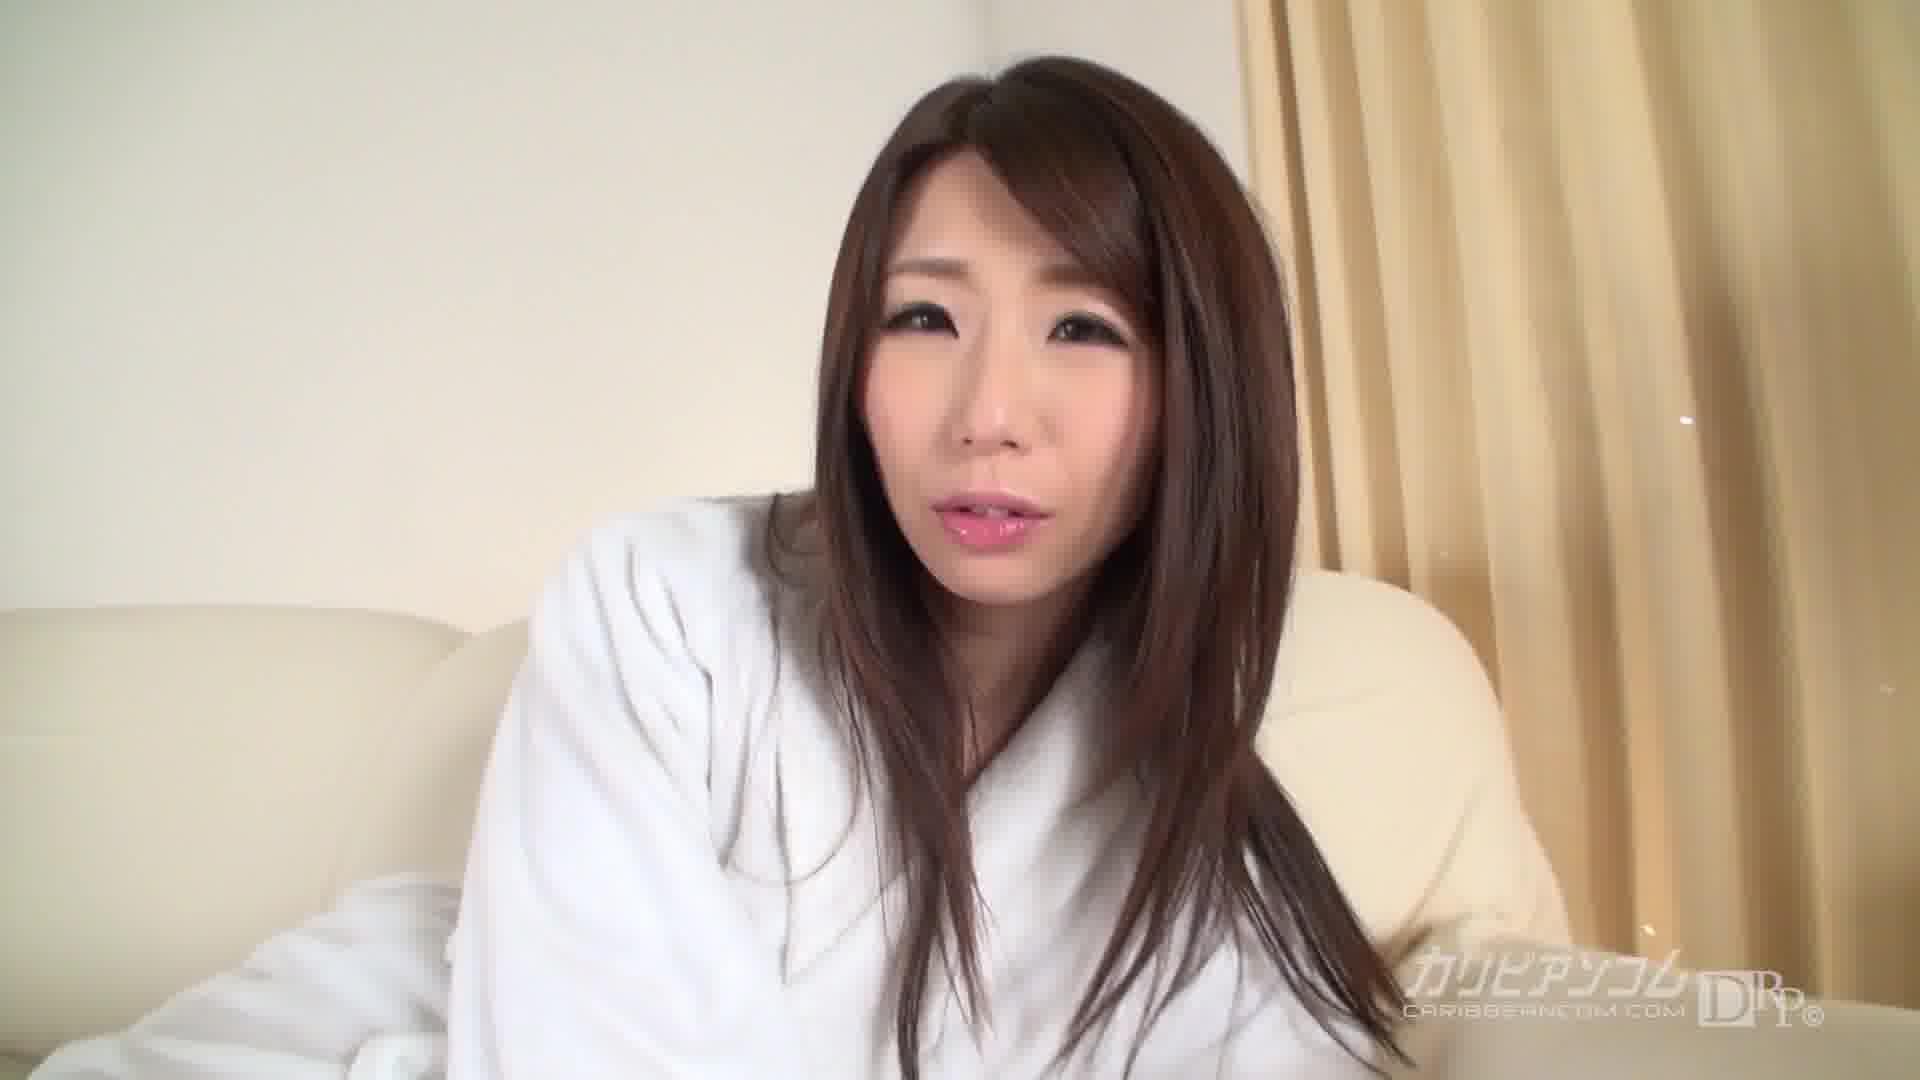 黒人ピストンに失神寸前 - 篠田あゆみ【巨乳・パイズリ・乱交】